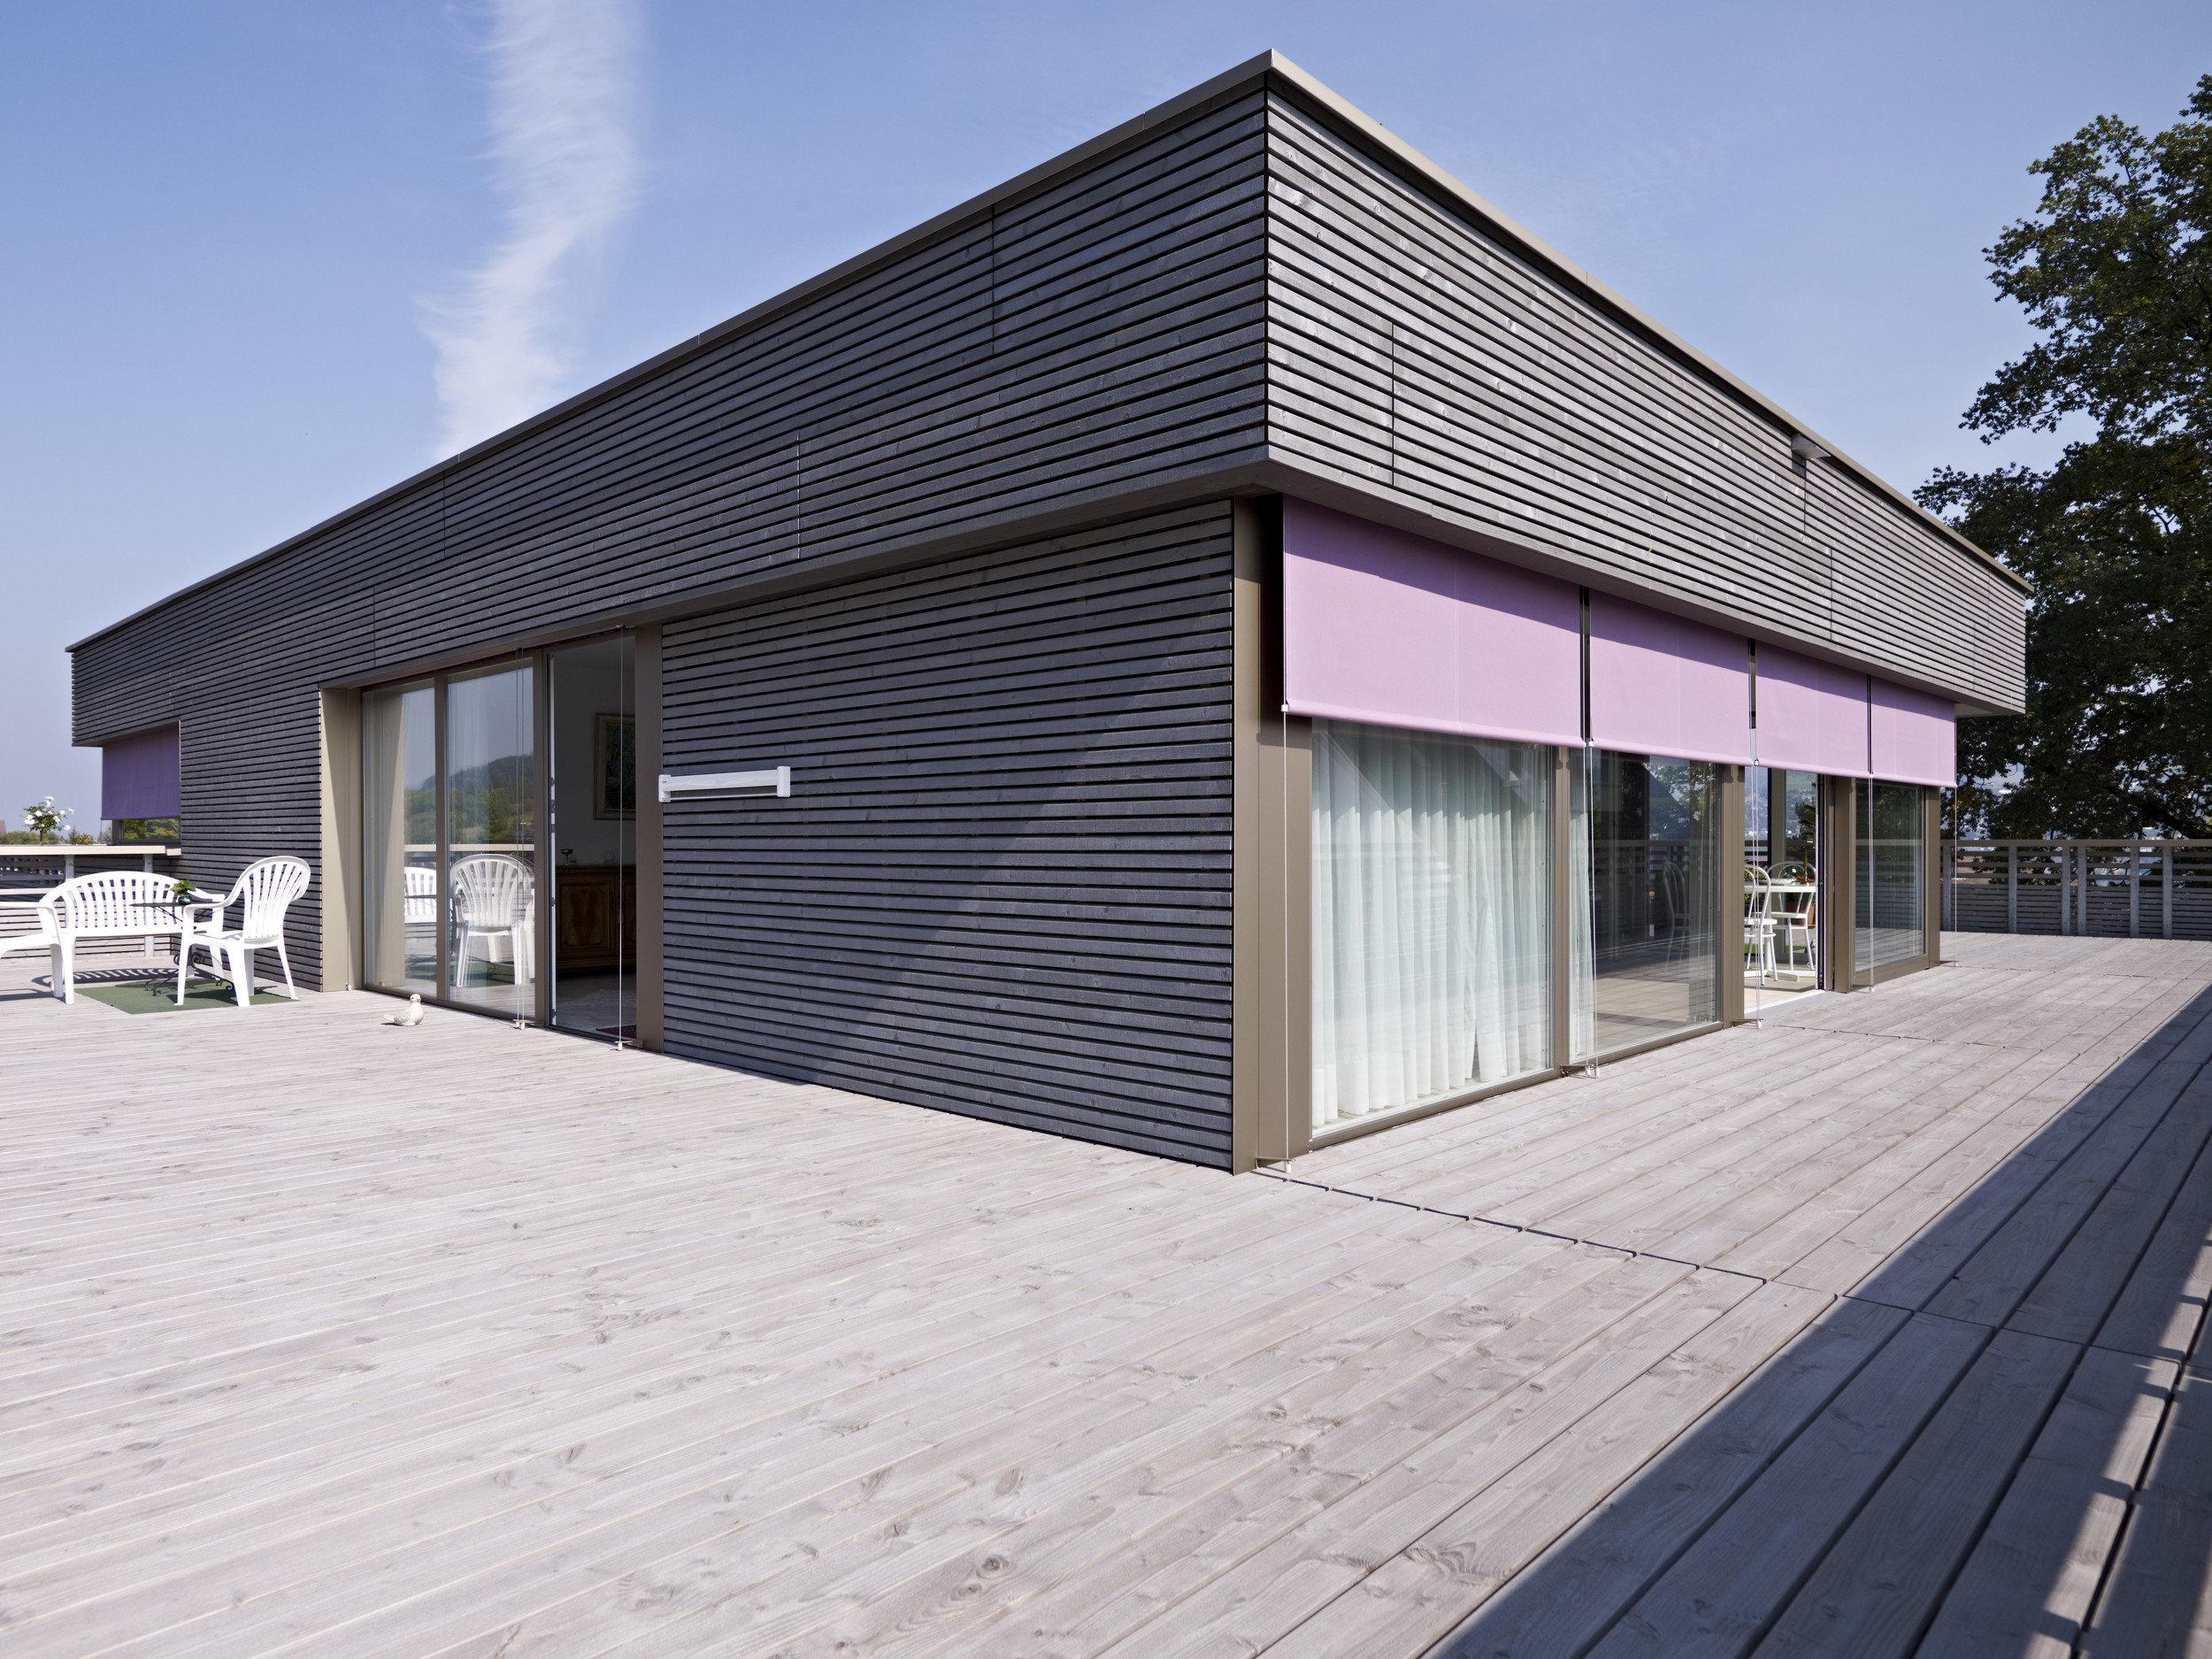 Oberstes Stockwerk eines Holz-Beton-Verbundsystem-Gebäudes auf Holzdeck